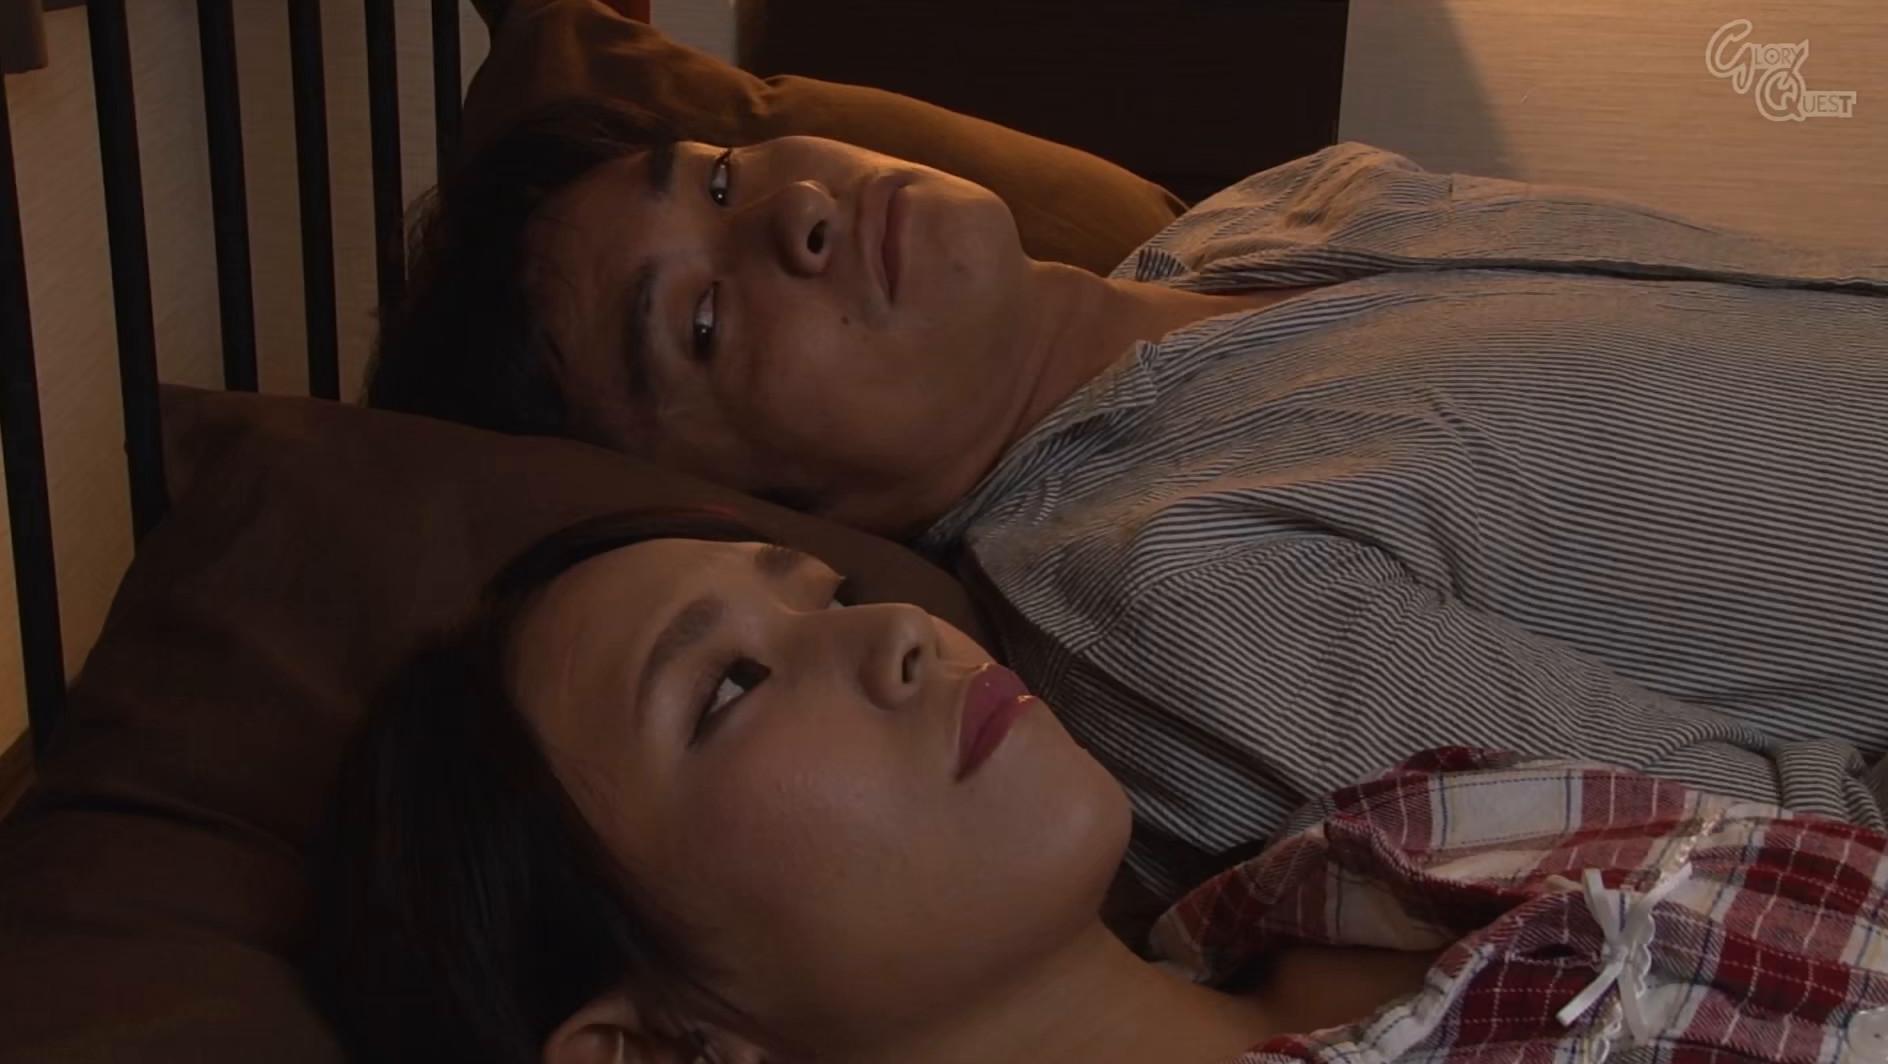 家庭内の至る場所で義父に初アナルを仕込まれる美人嫁 中尾芽衣子 画像4